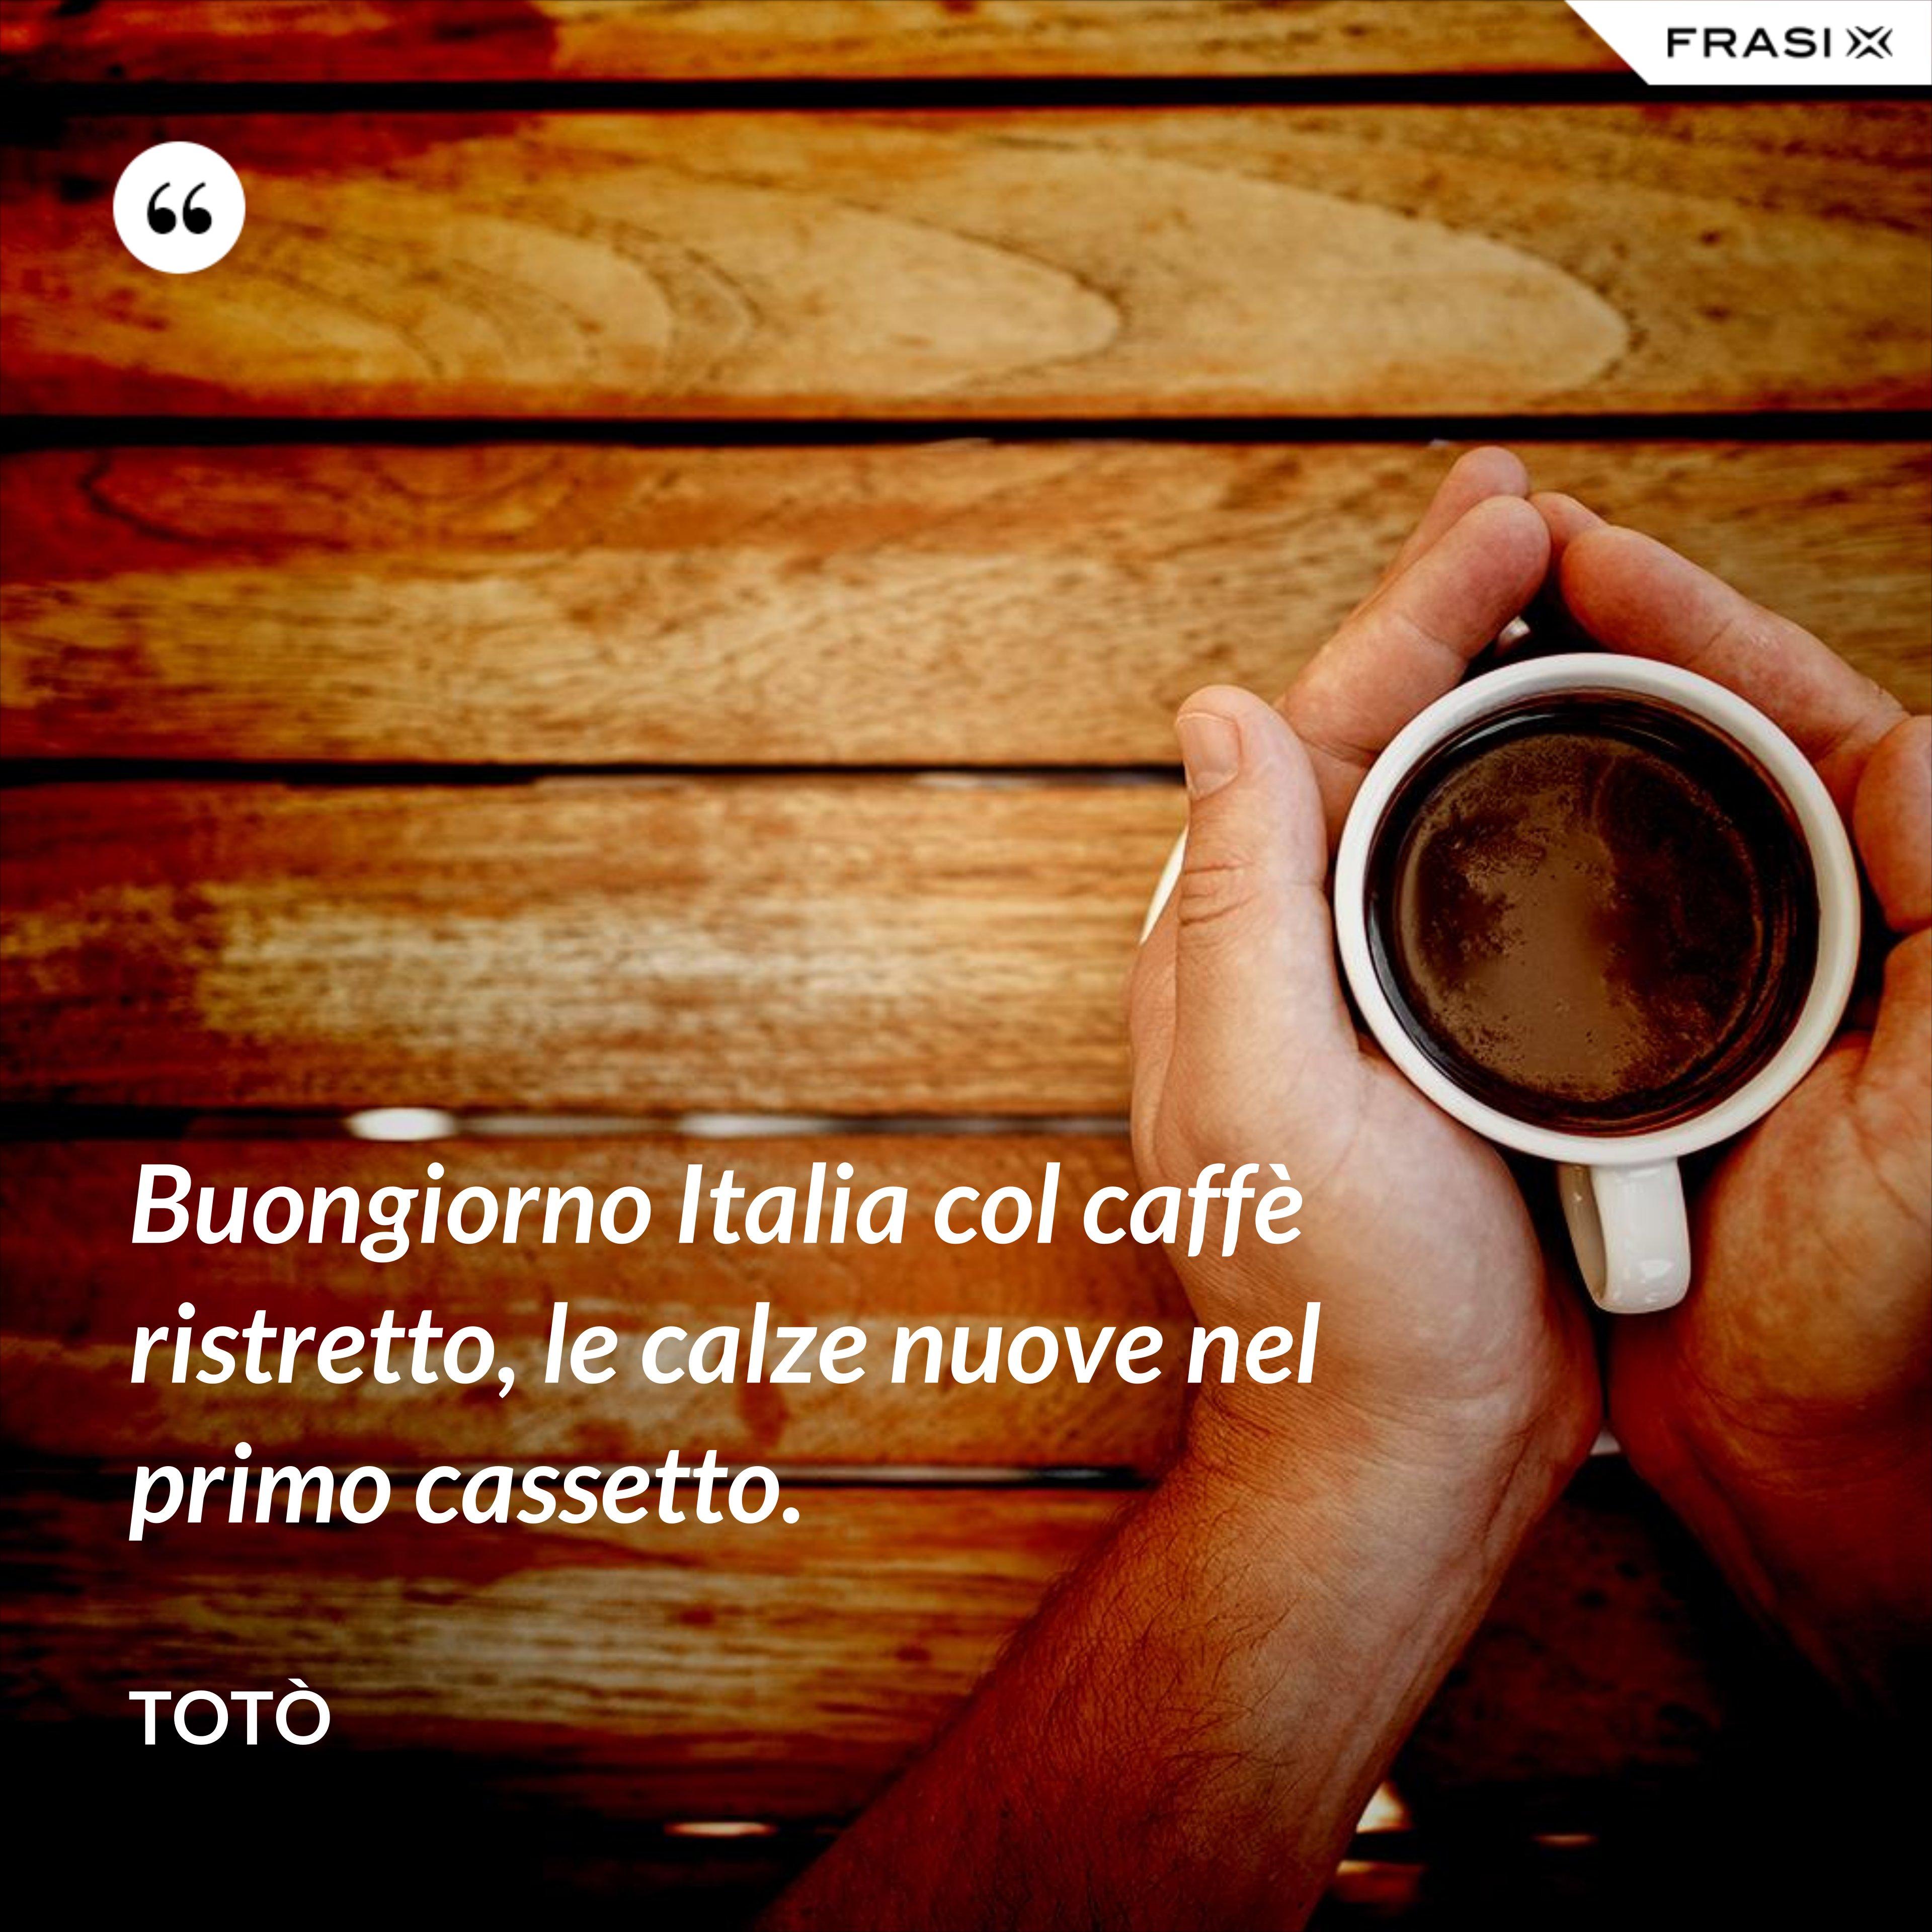 Buongiorno Italia col caffè ristretto, le calze nuove nel primo cassetto. - Totò